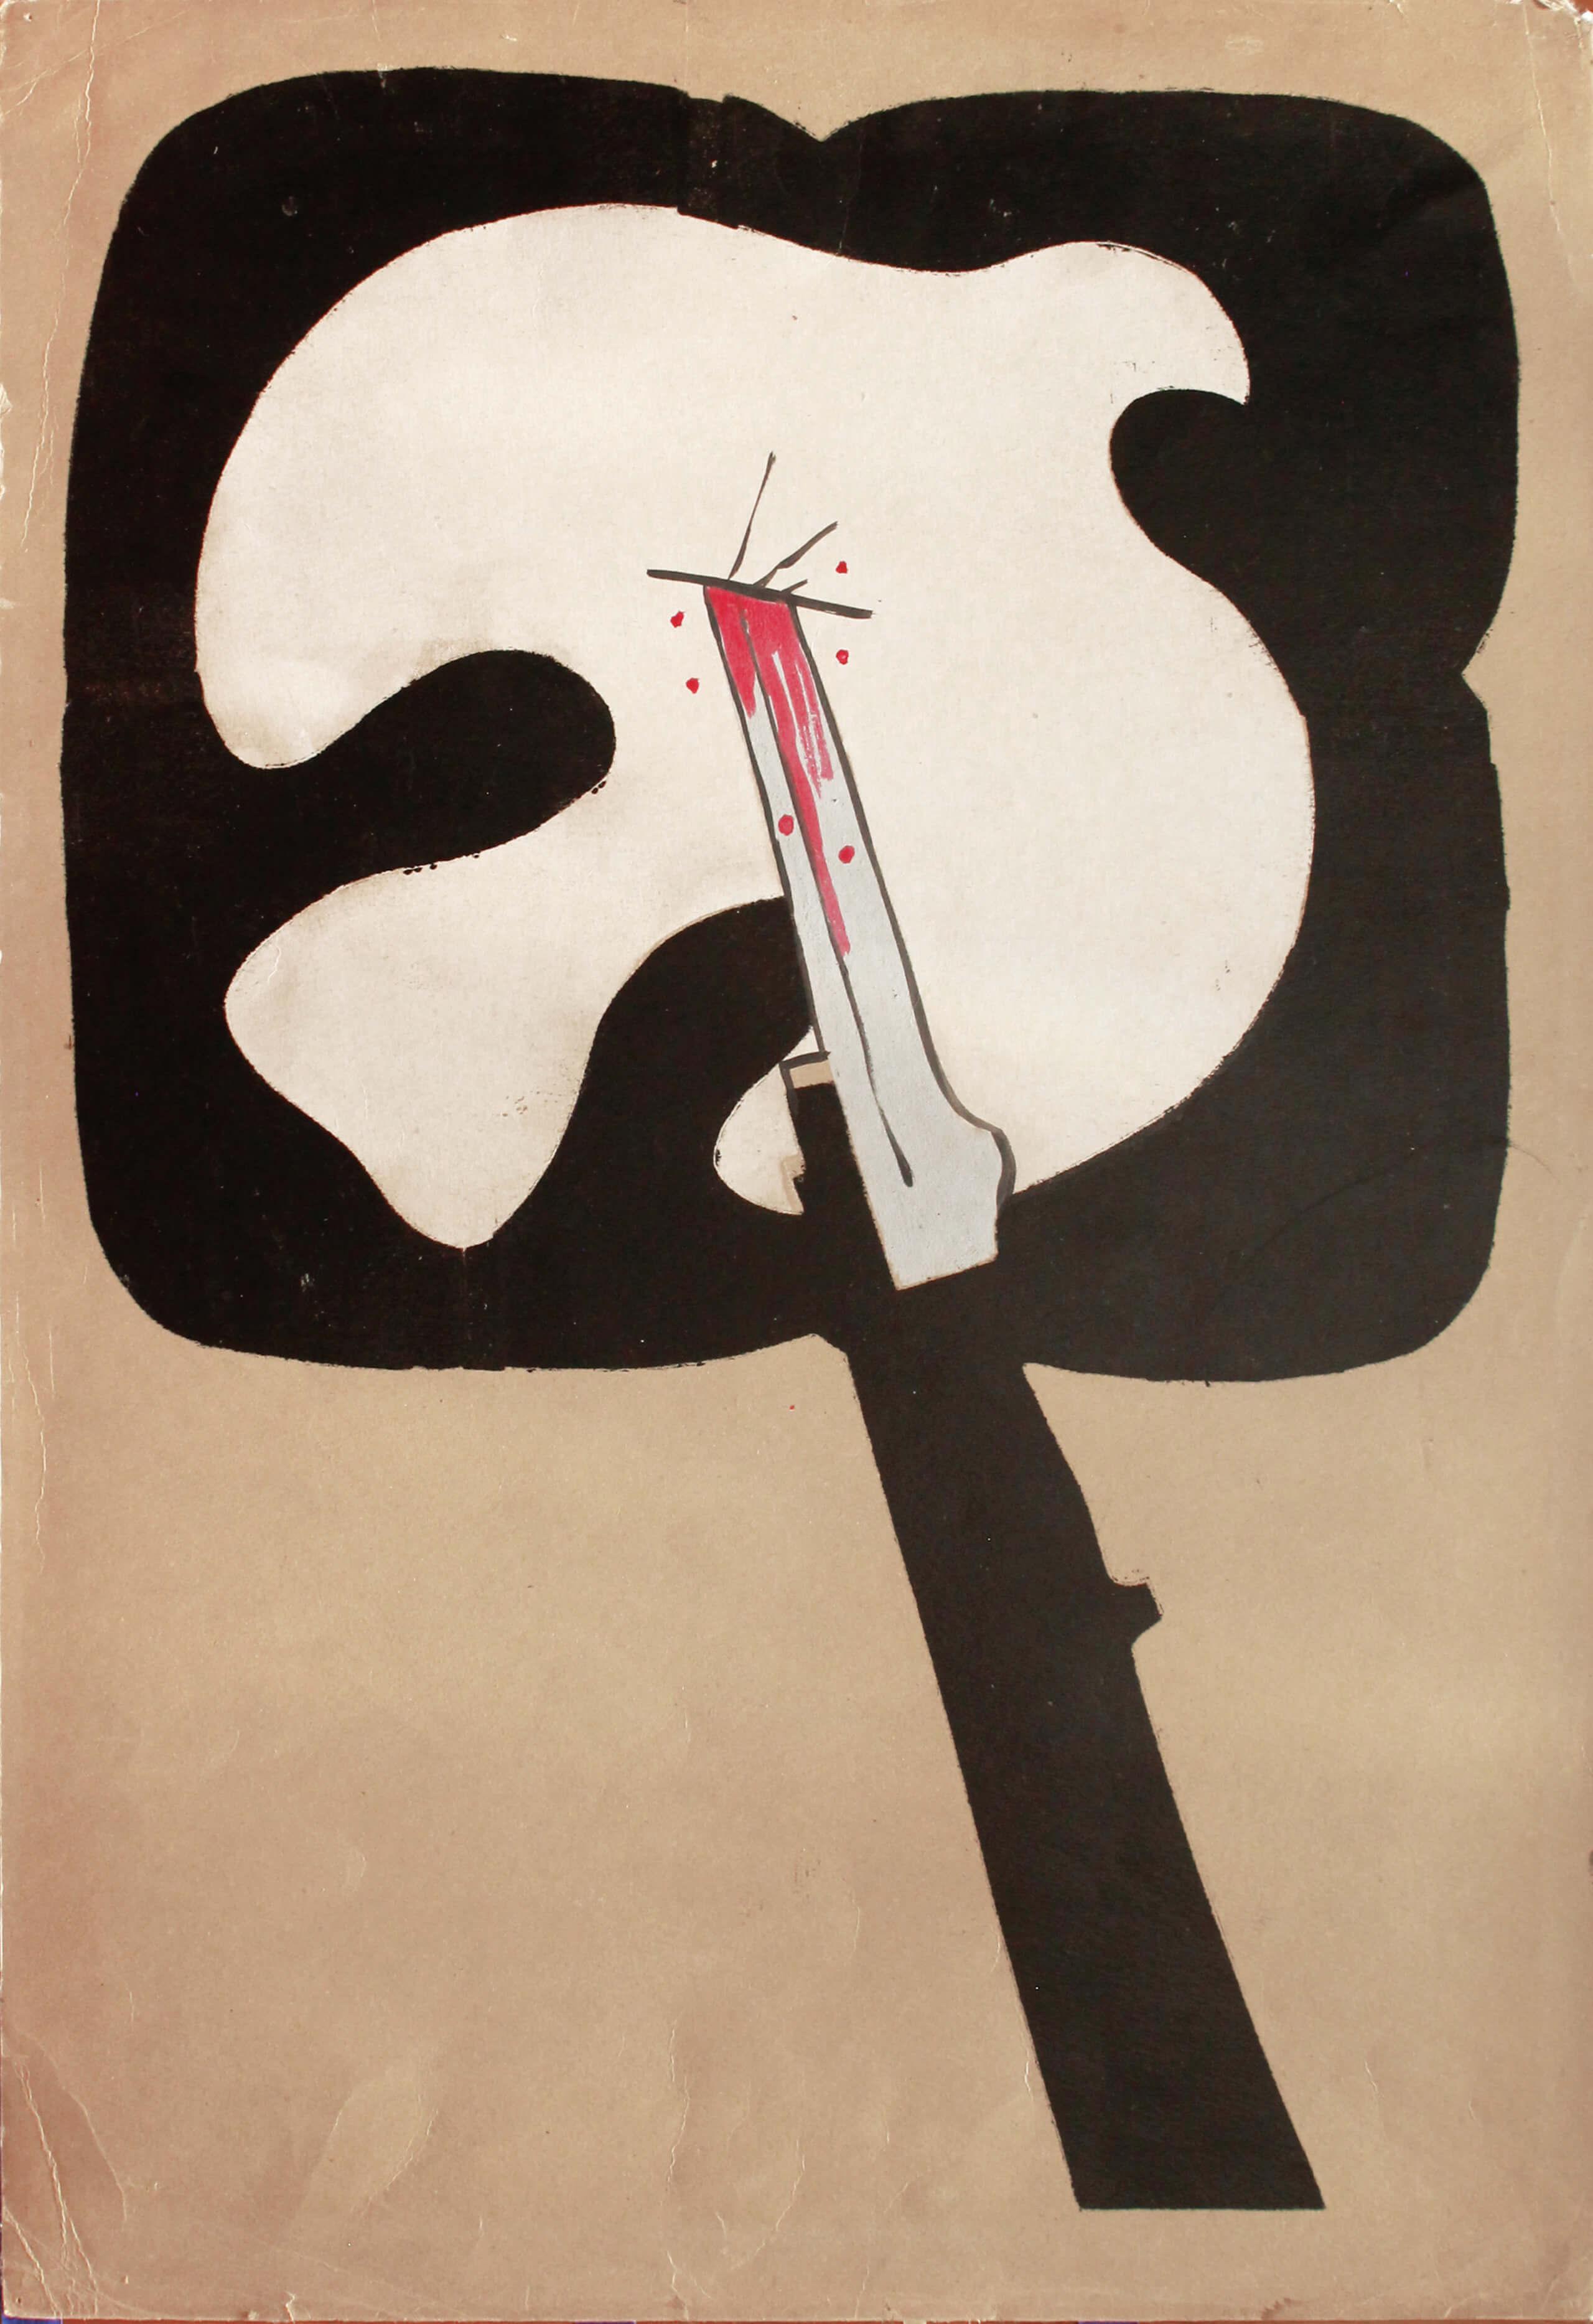 Sin título, paloma atravesada | La demanda inasumible. Imaginación social y autogestión gráfica en México, 1968-2018 | Museo Amparo, Puebla